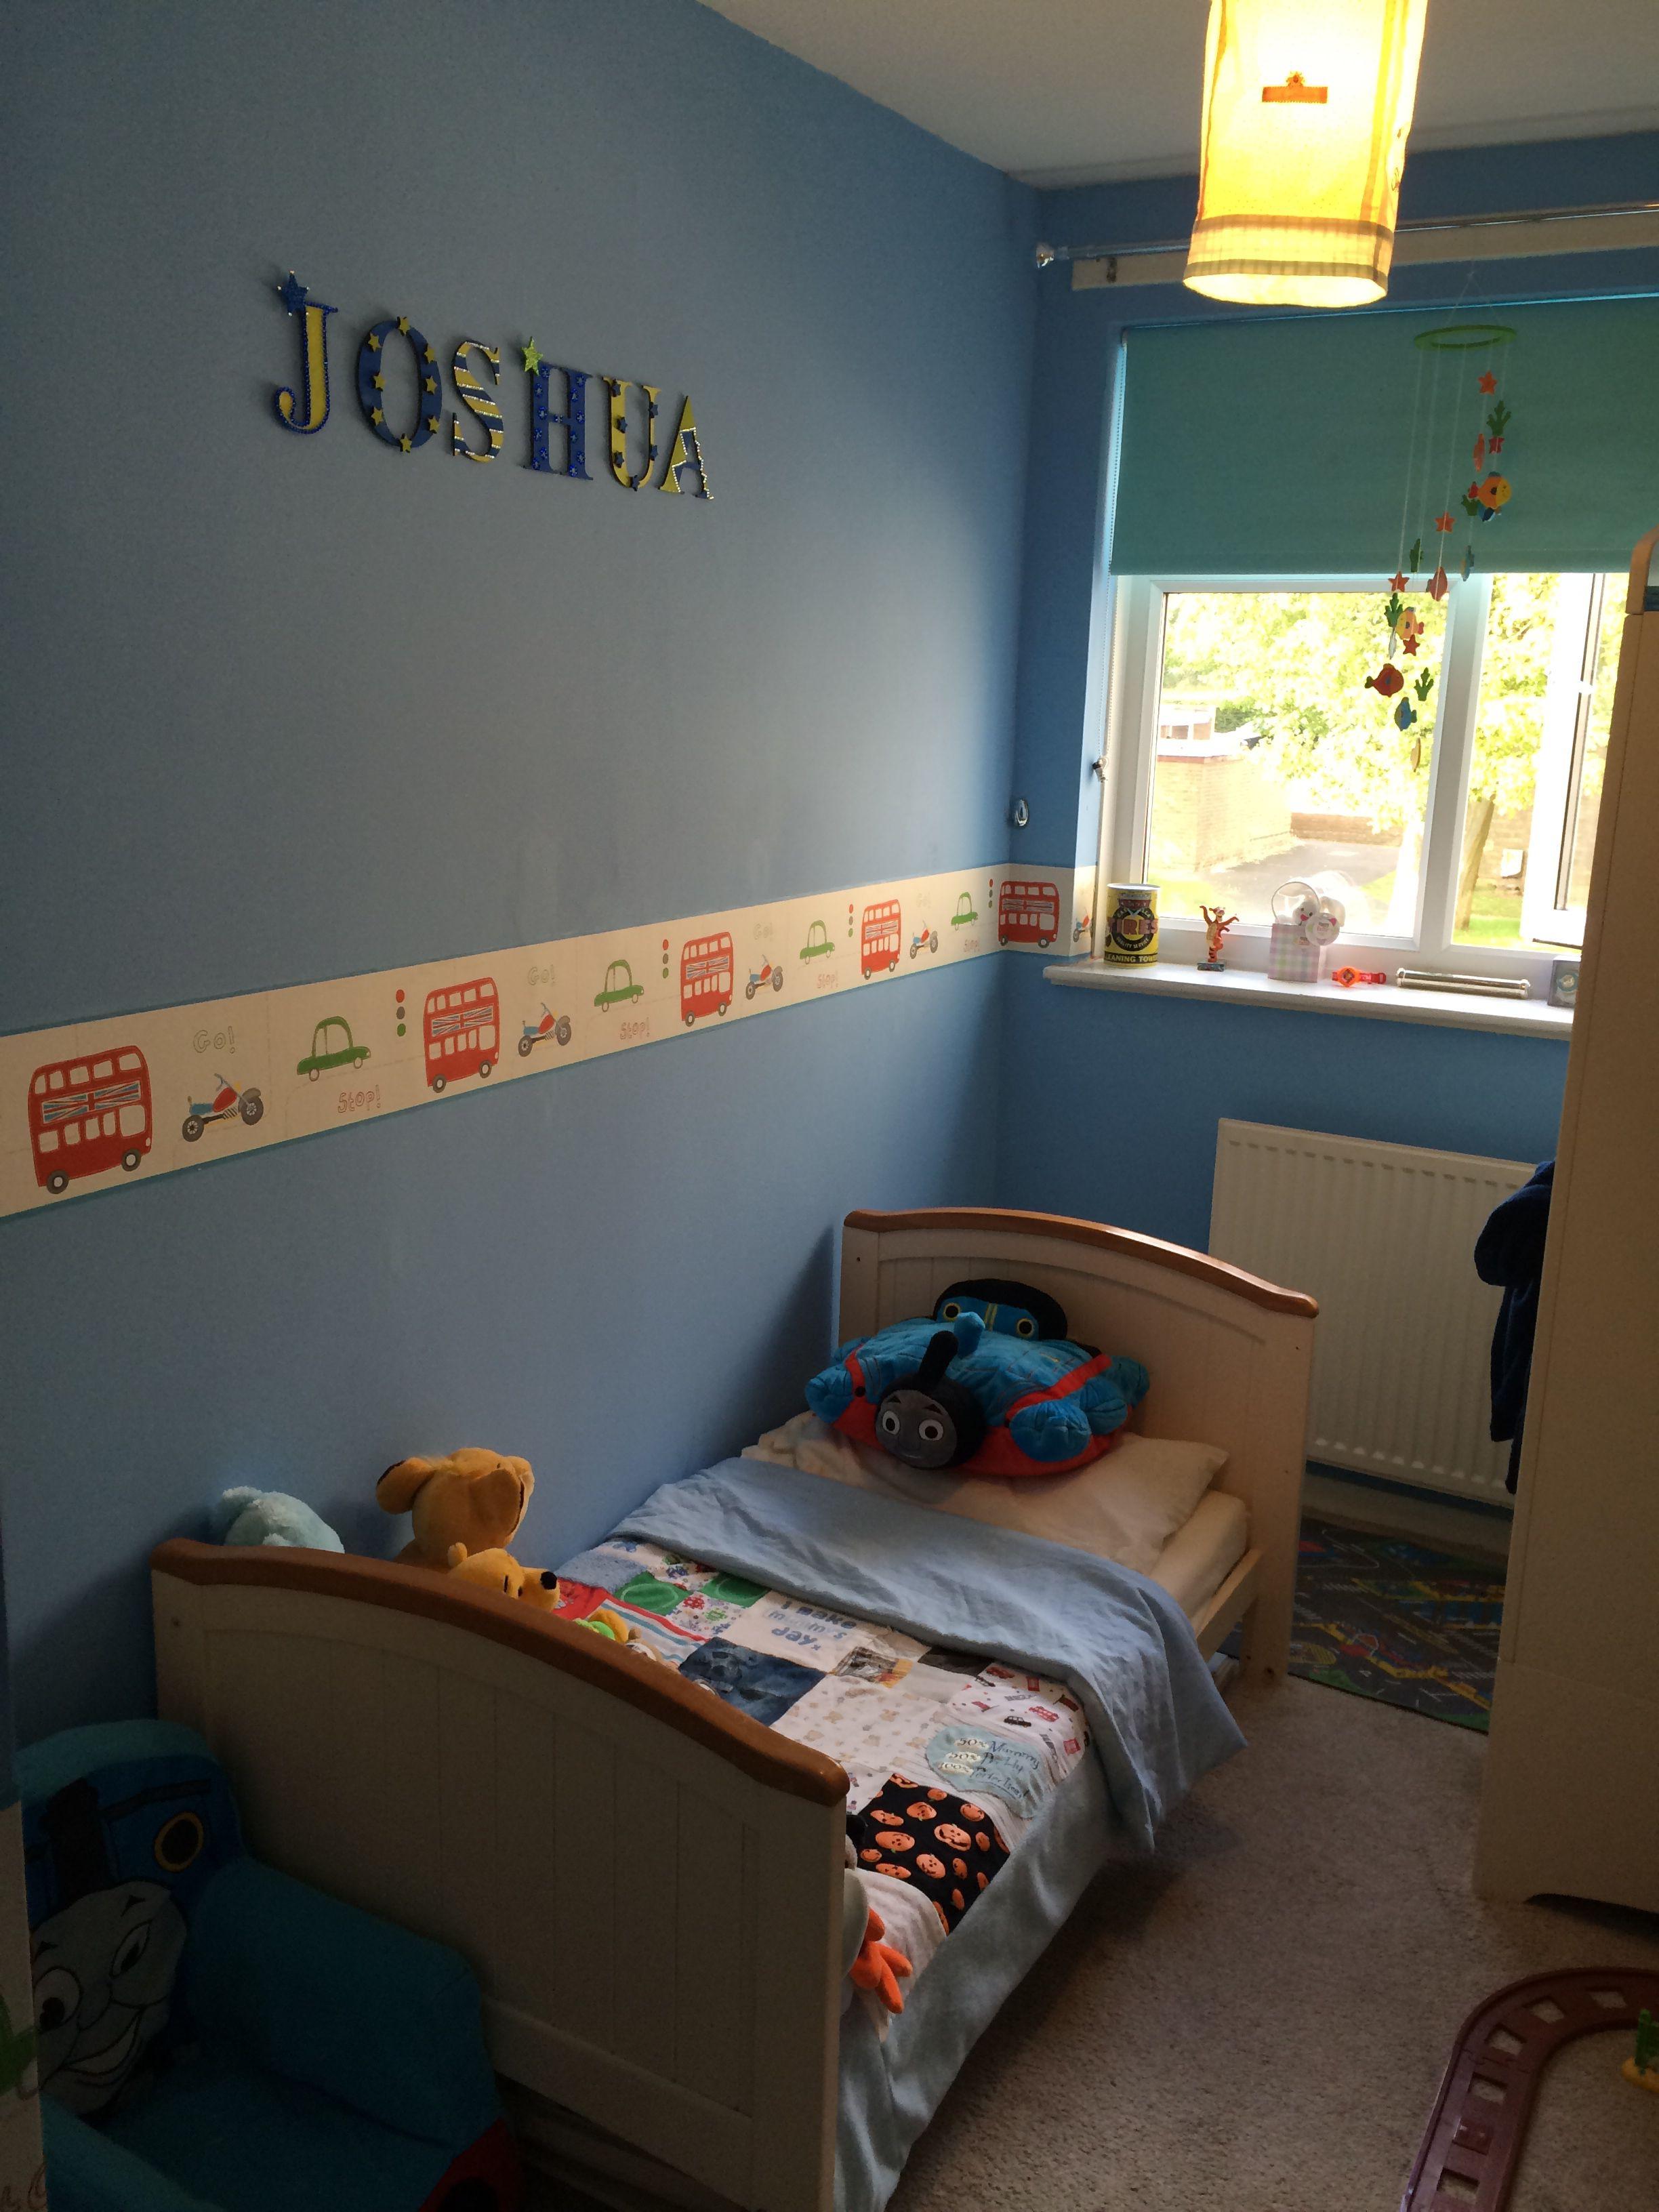 Best Toddler Little Boys Room Transport Rush Hour Cars Buses Hoopla Wallpaper Border 400 x 300